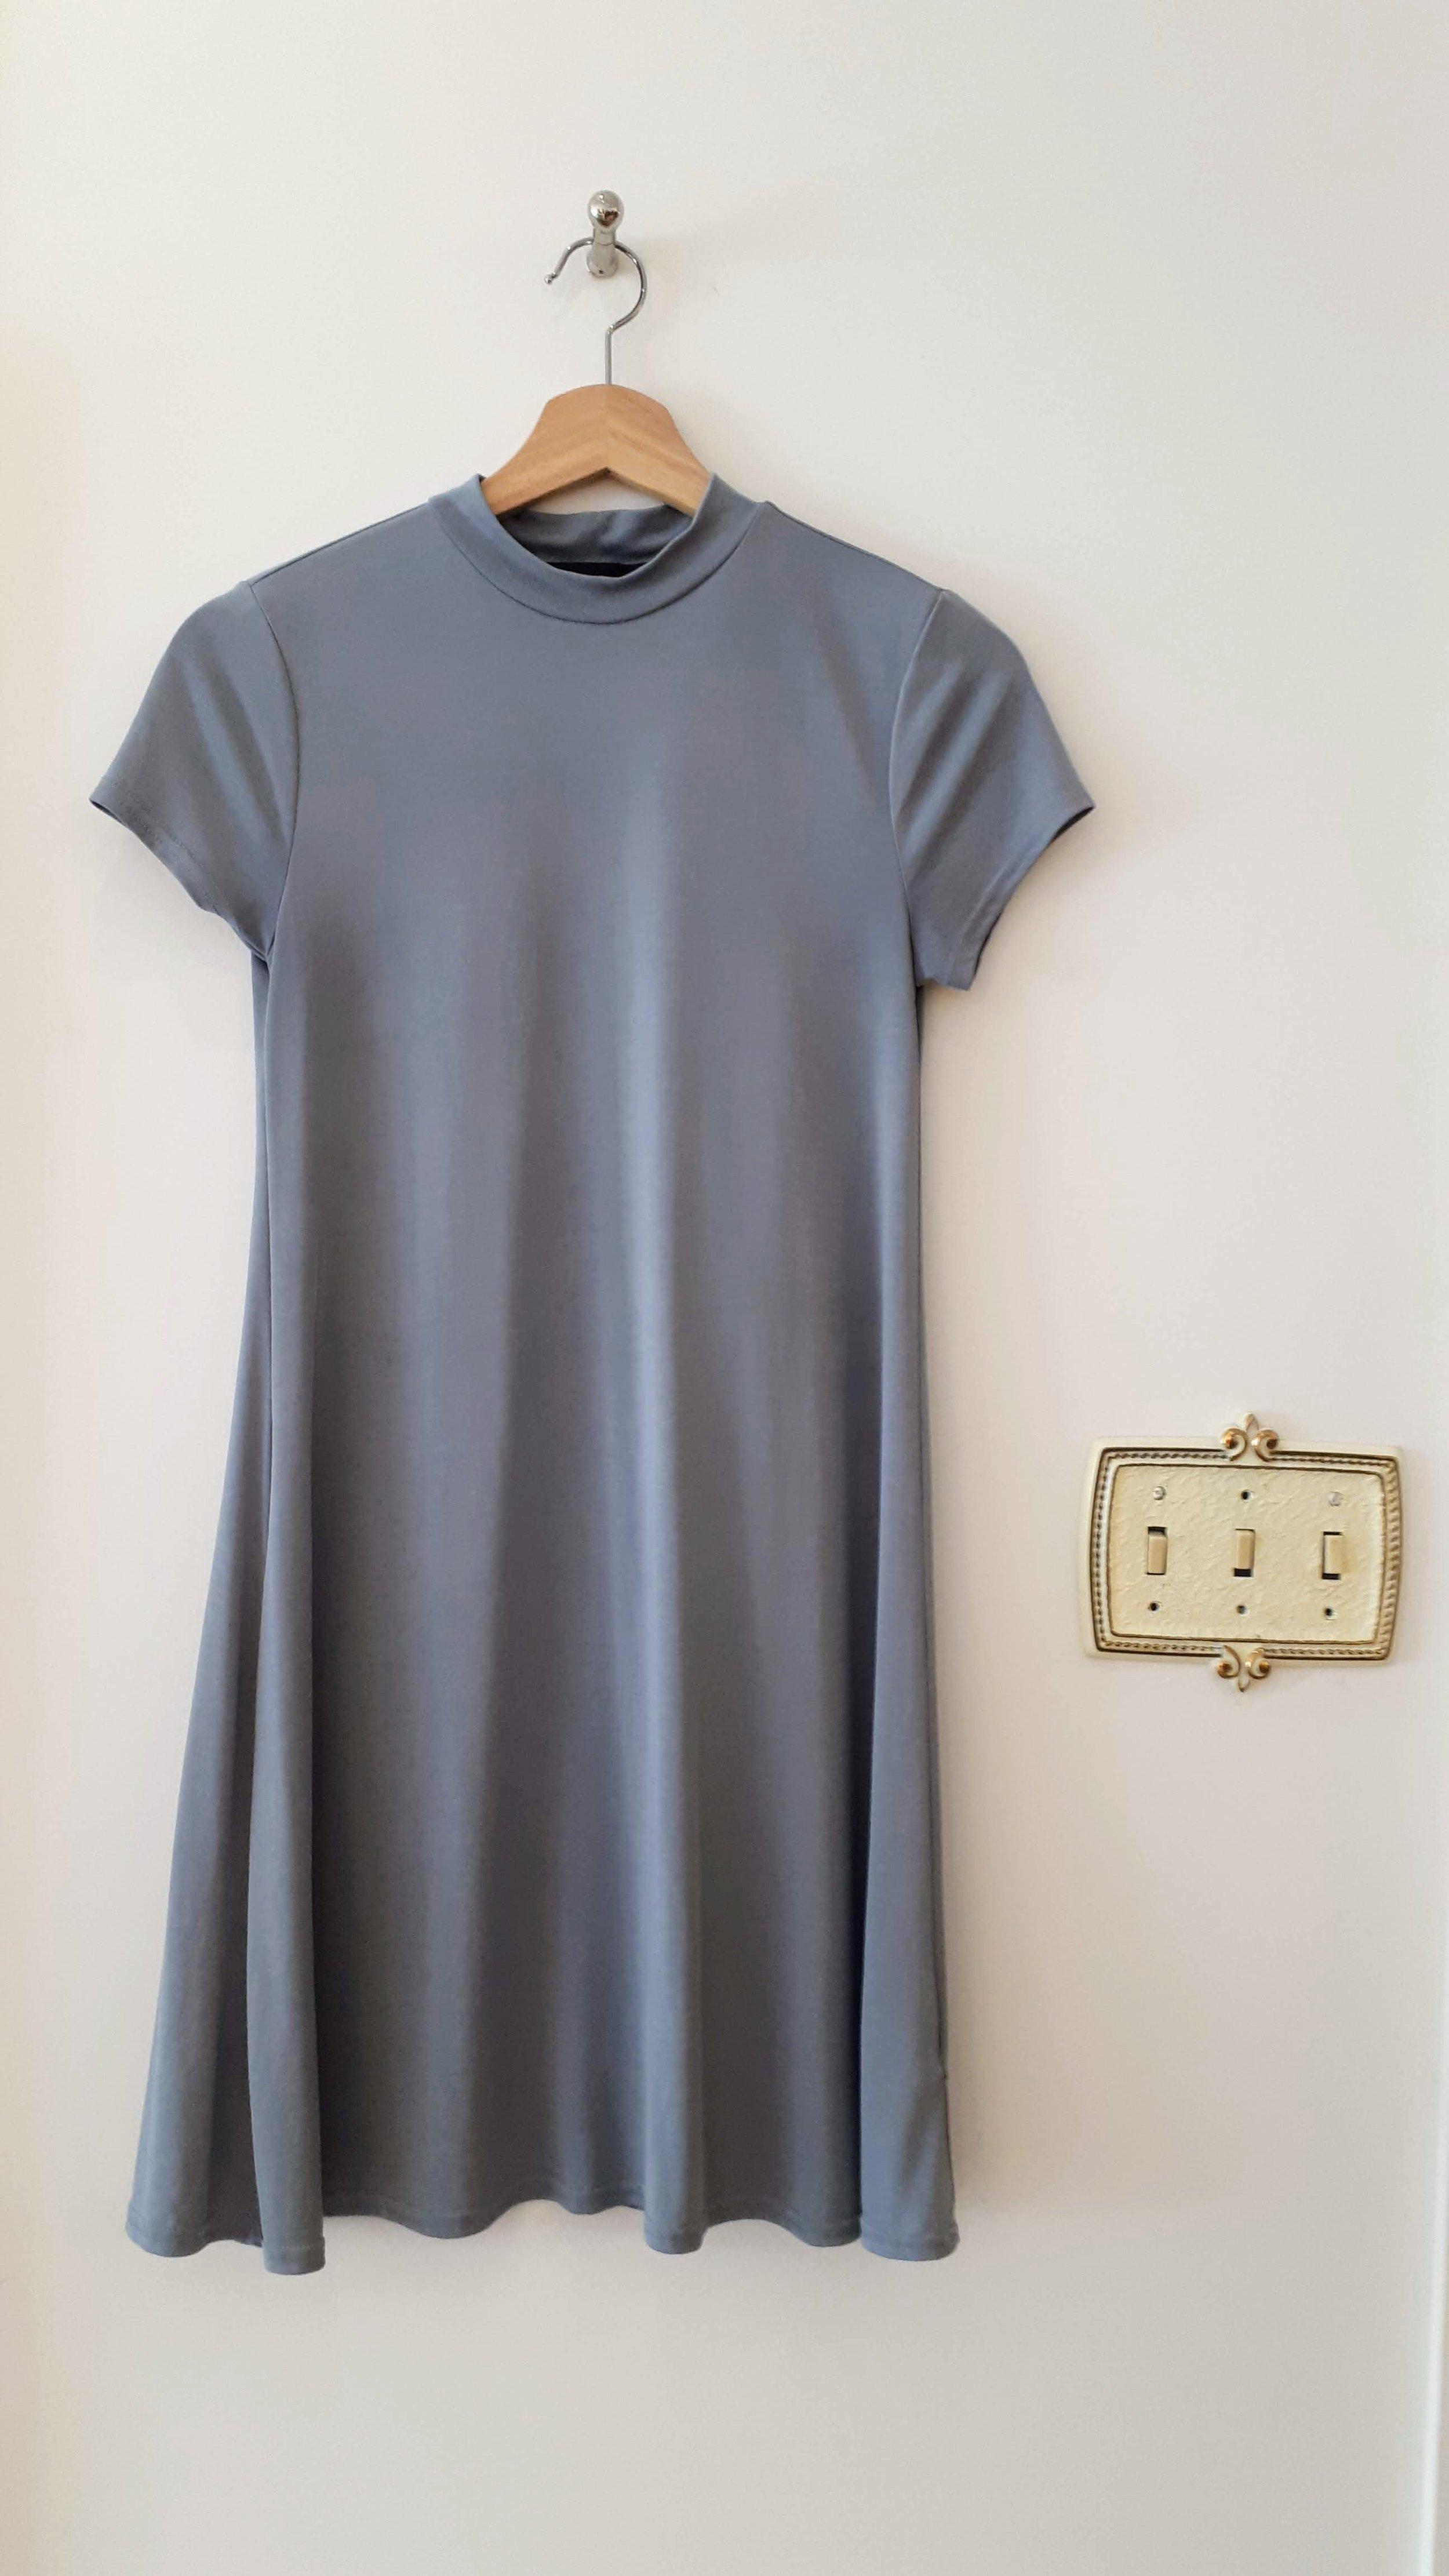 Workhall dress; Size S, $40